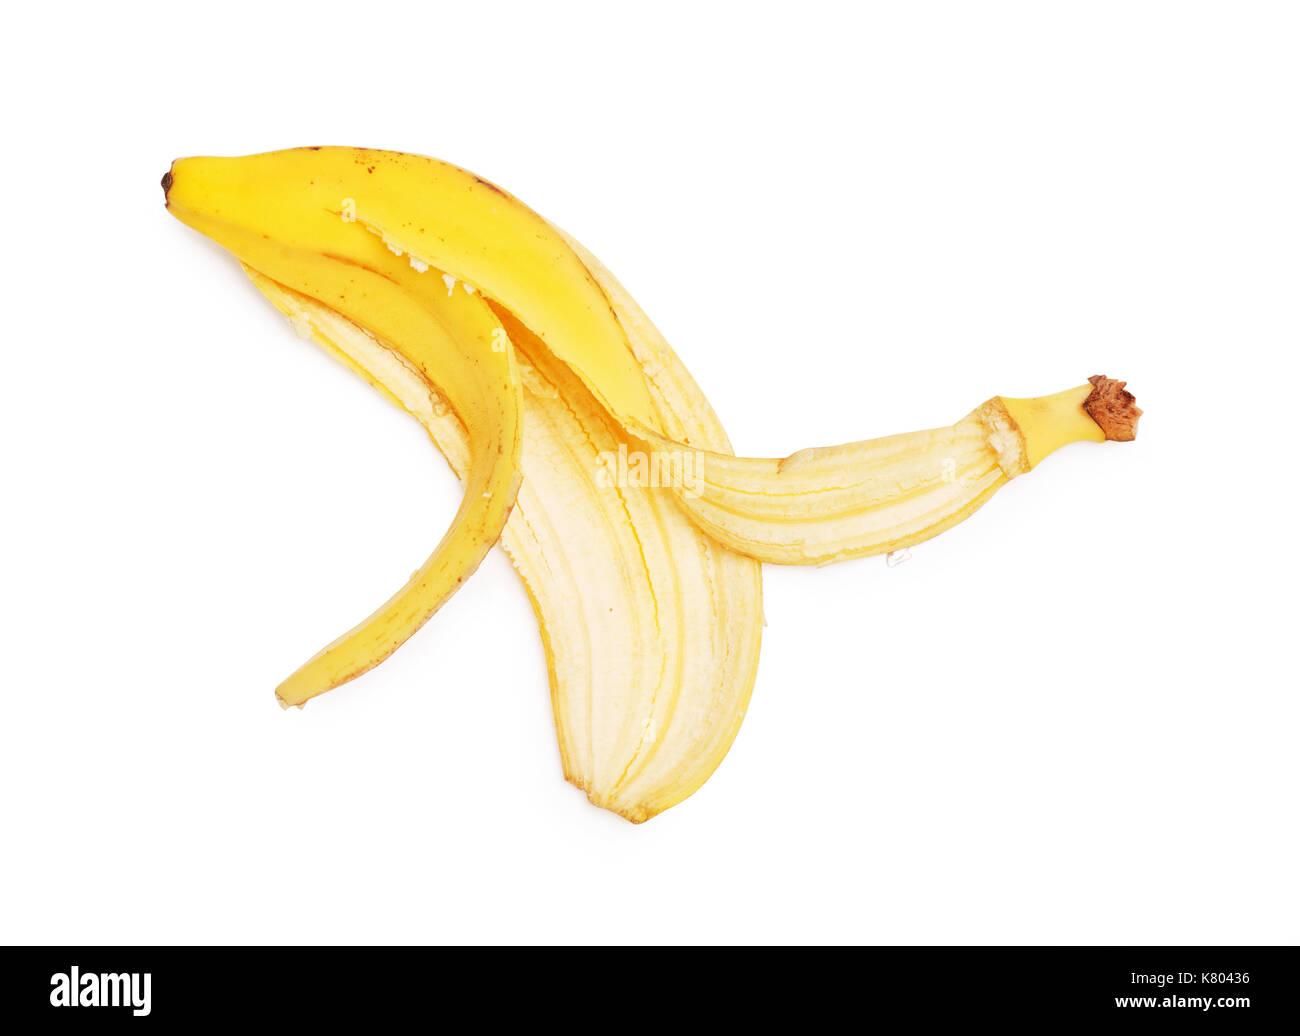 Banana peel isolated on white background - Stock Image